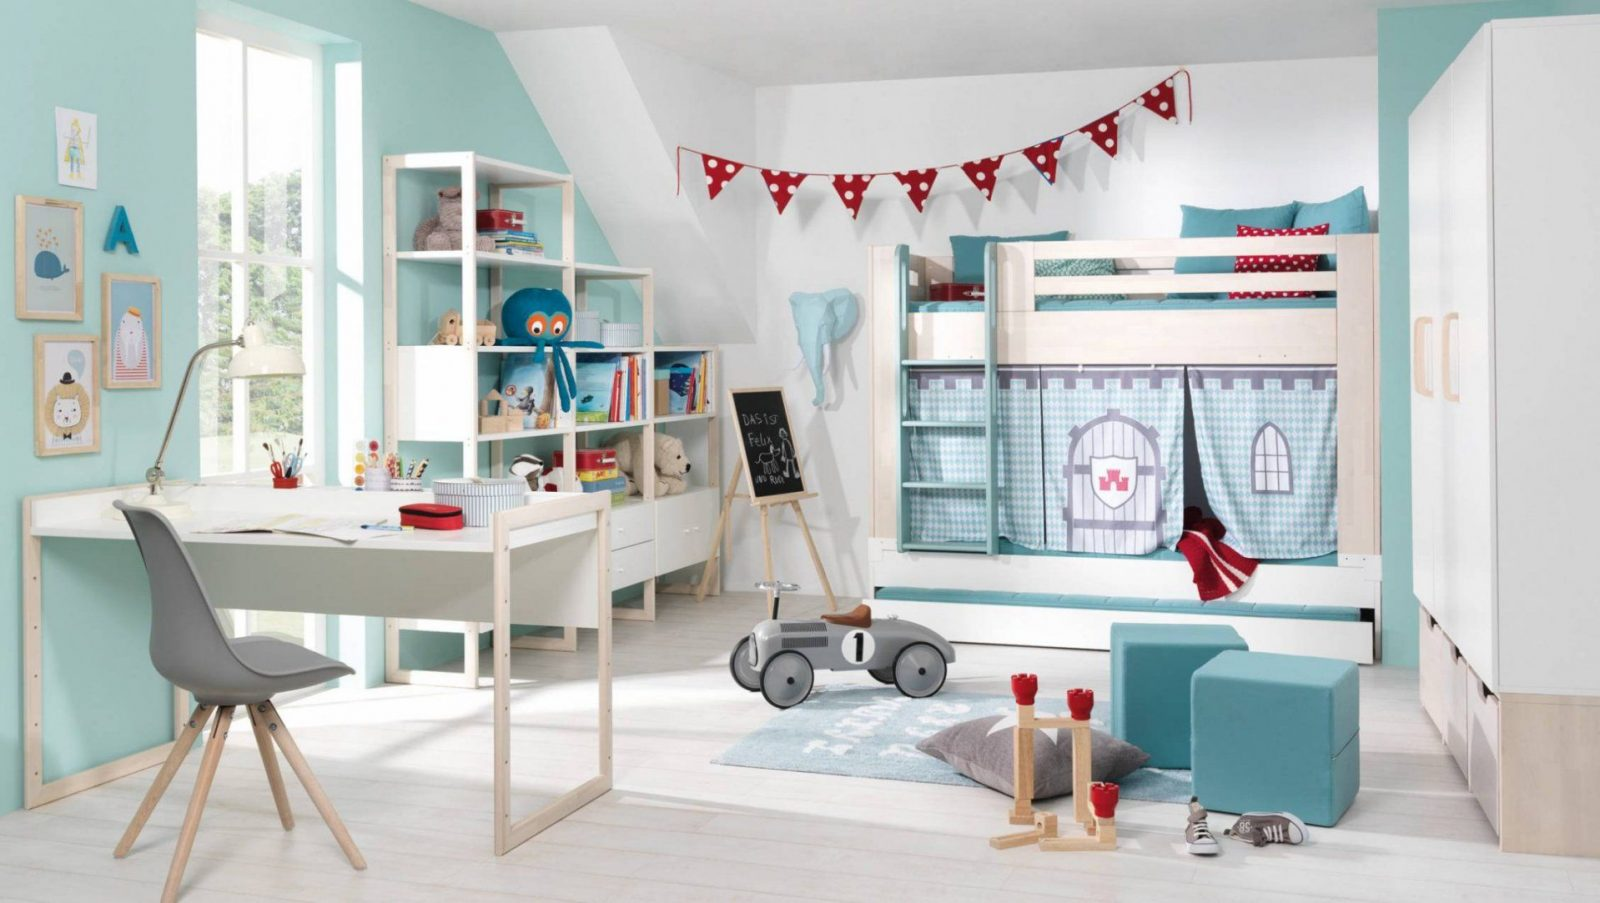 Wunderbar Erstaunlich Kinderzimmer Einrichten Ikea Ikea Quadratmeterchallenge Von Kleines  Kinderzimmer Einrichten Ikea Bild